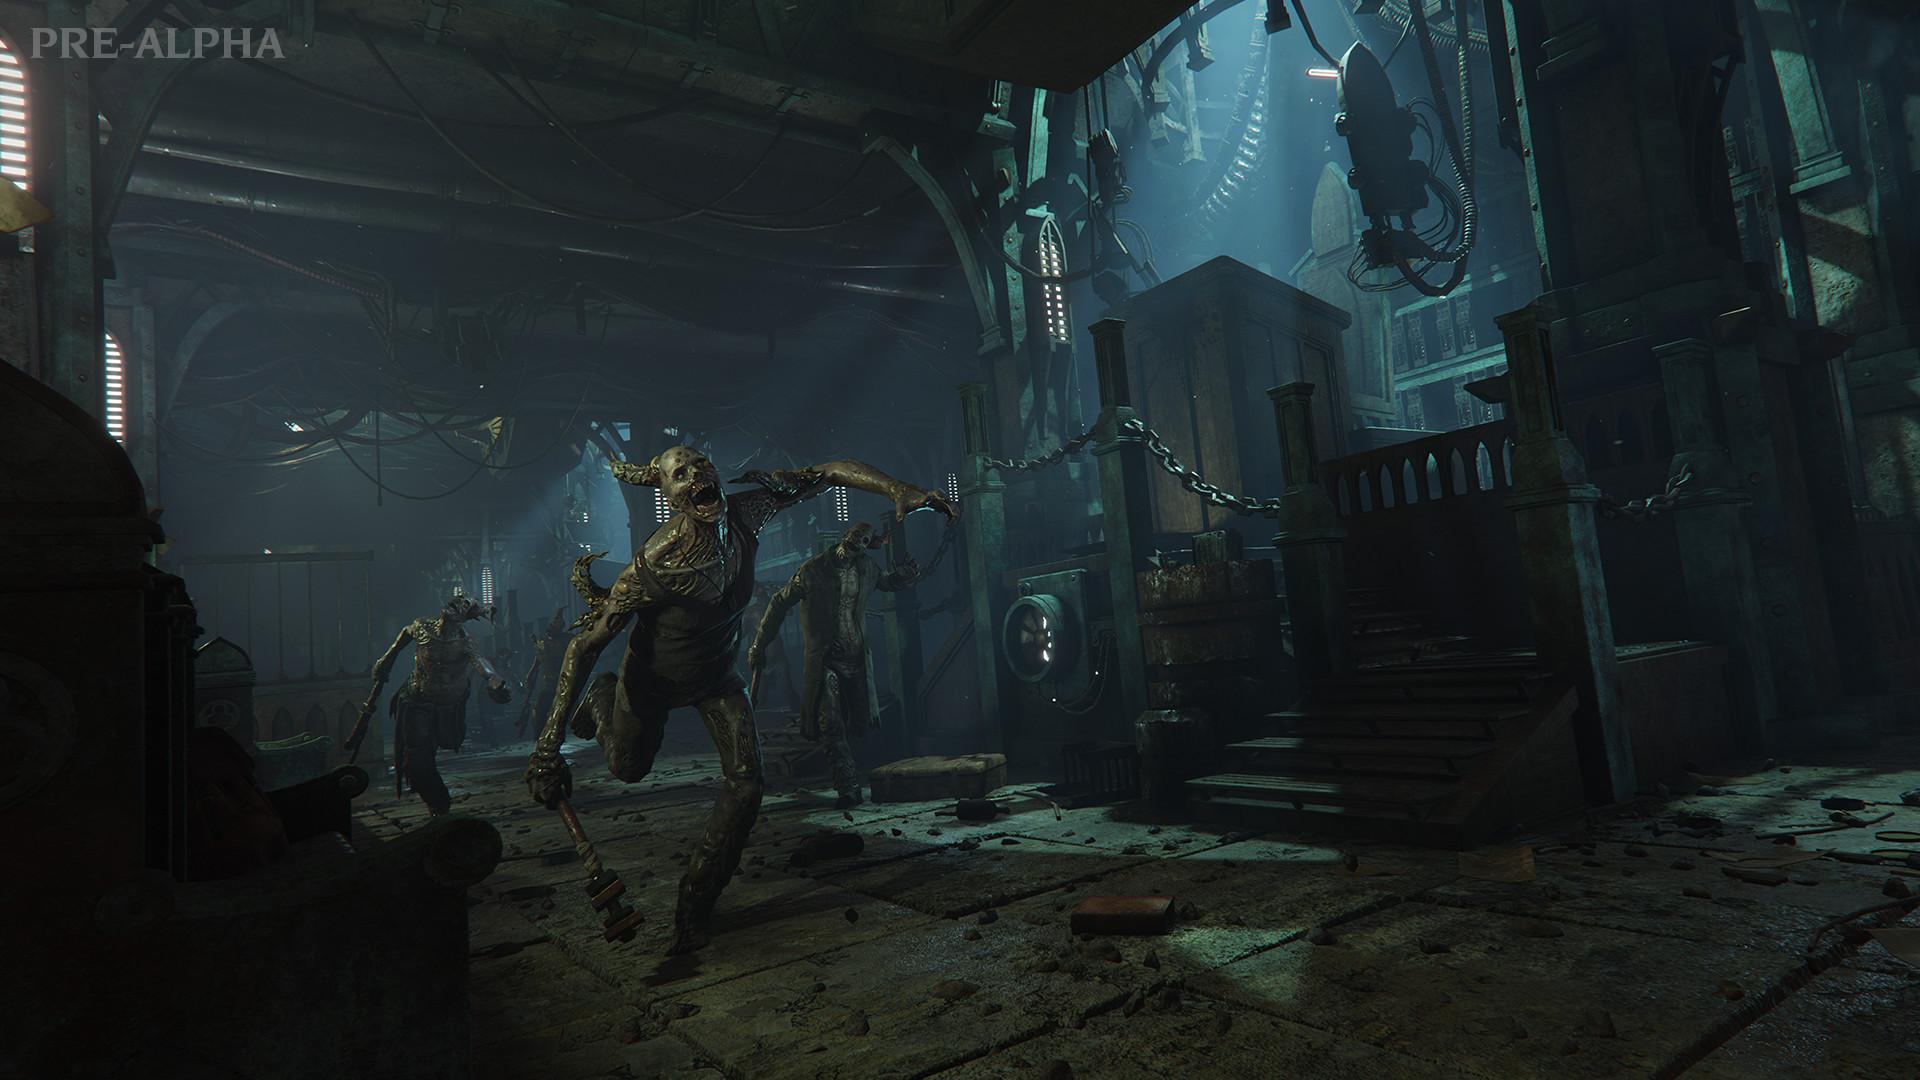 Warhammer 40K Darktide: Co-op game release postponed to 2022